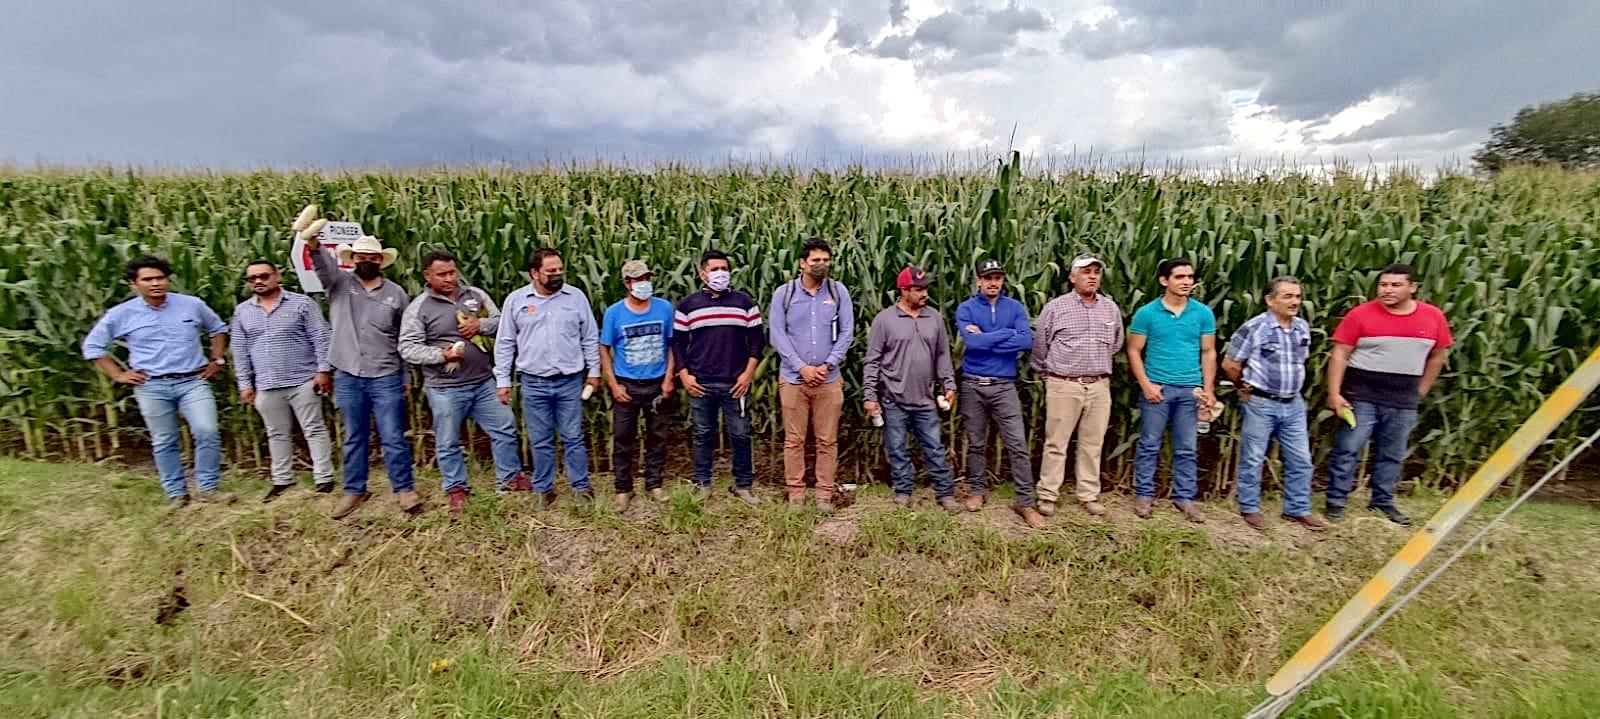 Reunión de planificación y día de campo con los agricultores que quieren participar en el proyecto Agriba Sustentable, en El Greco, Pénjamo, en Guanajuato, México. (Foto: CIMMYT)